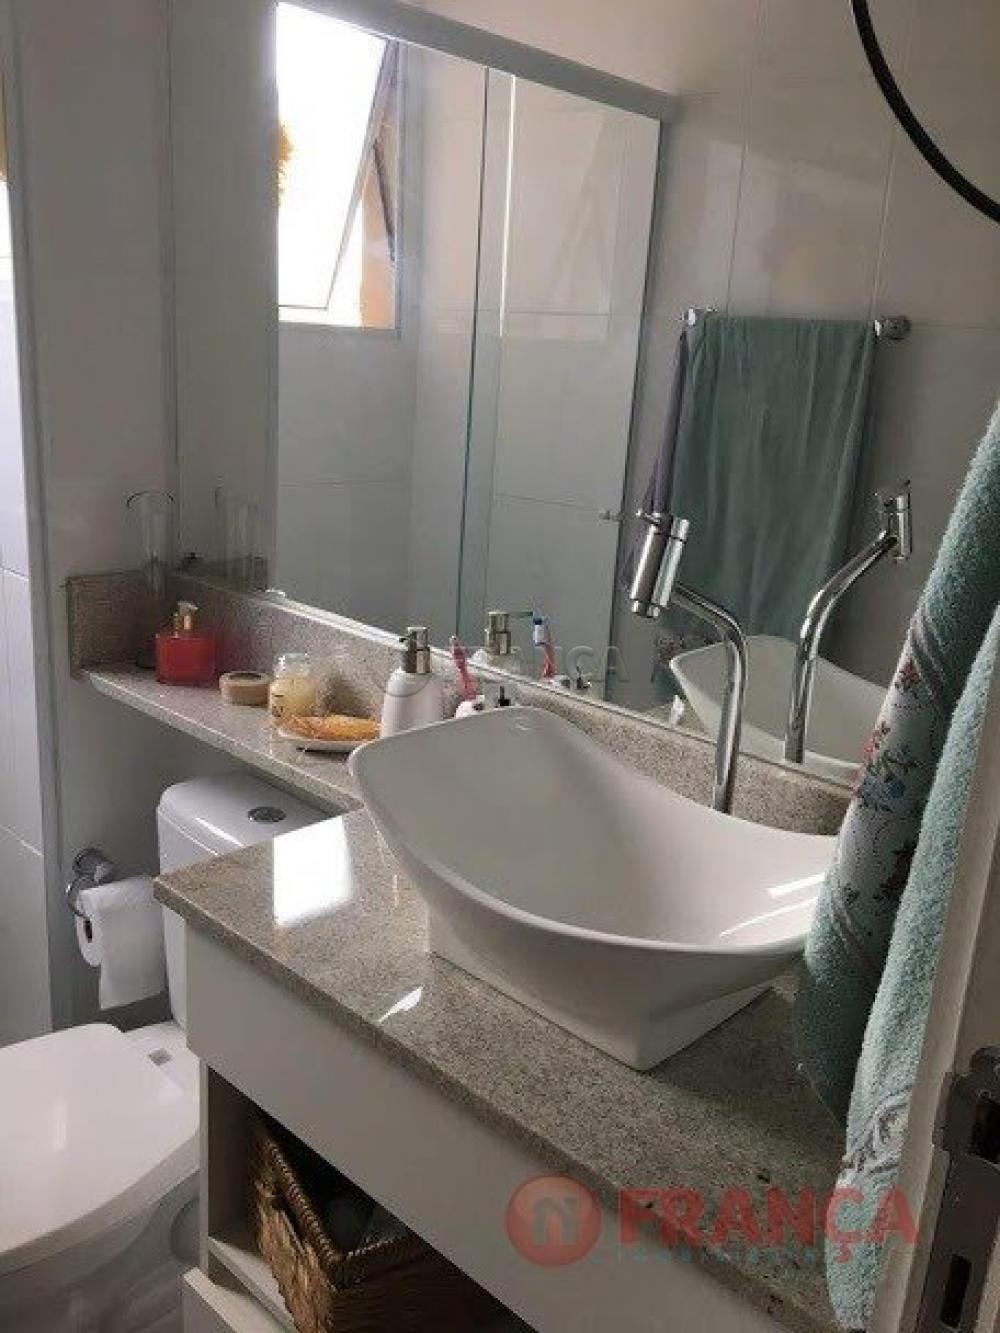 Comprar Apartamento / Padrão em Jacareí apenas R$ 330.000,00 - Foto 5